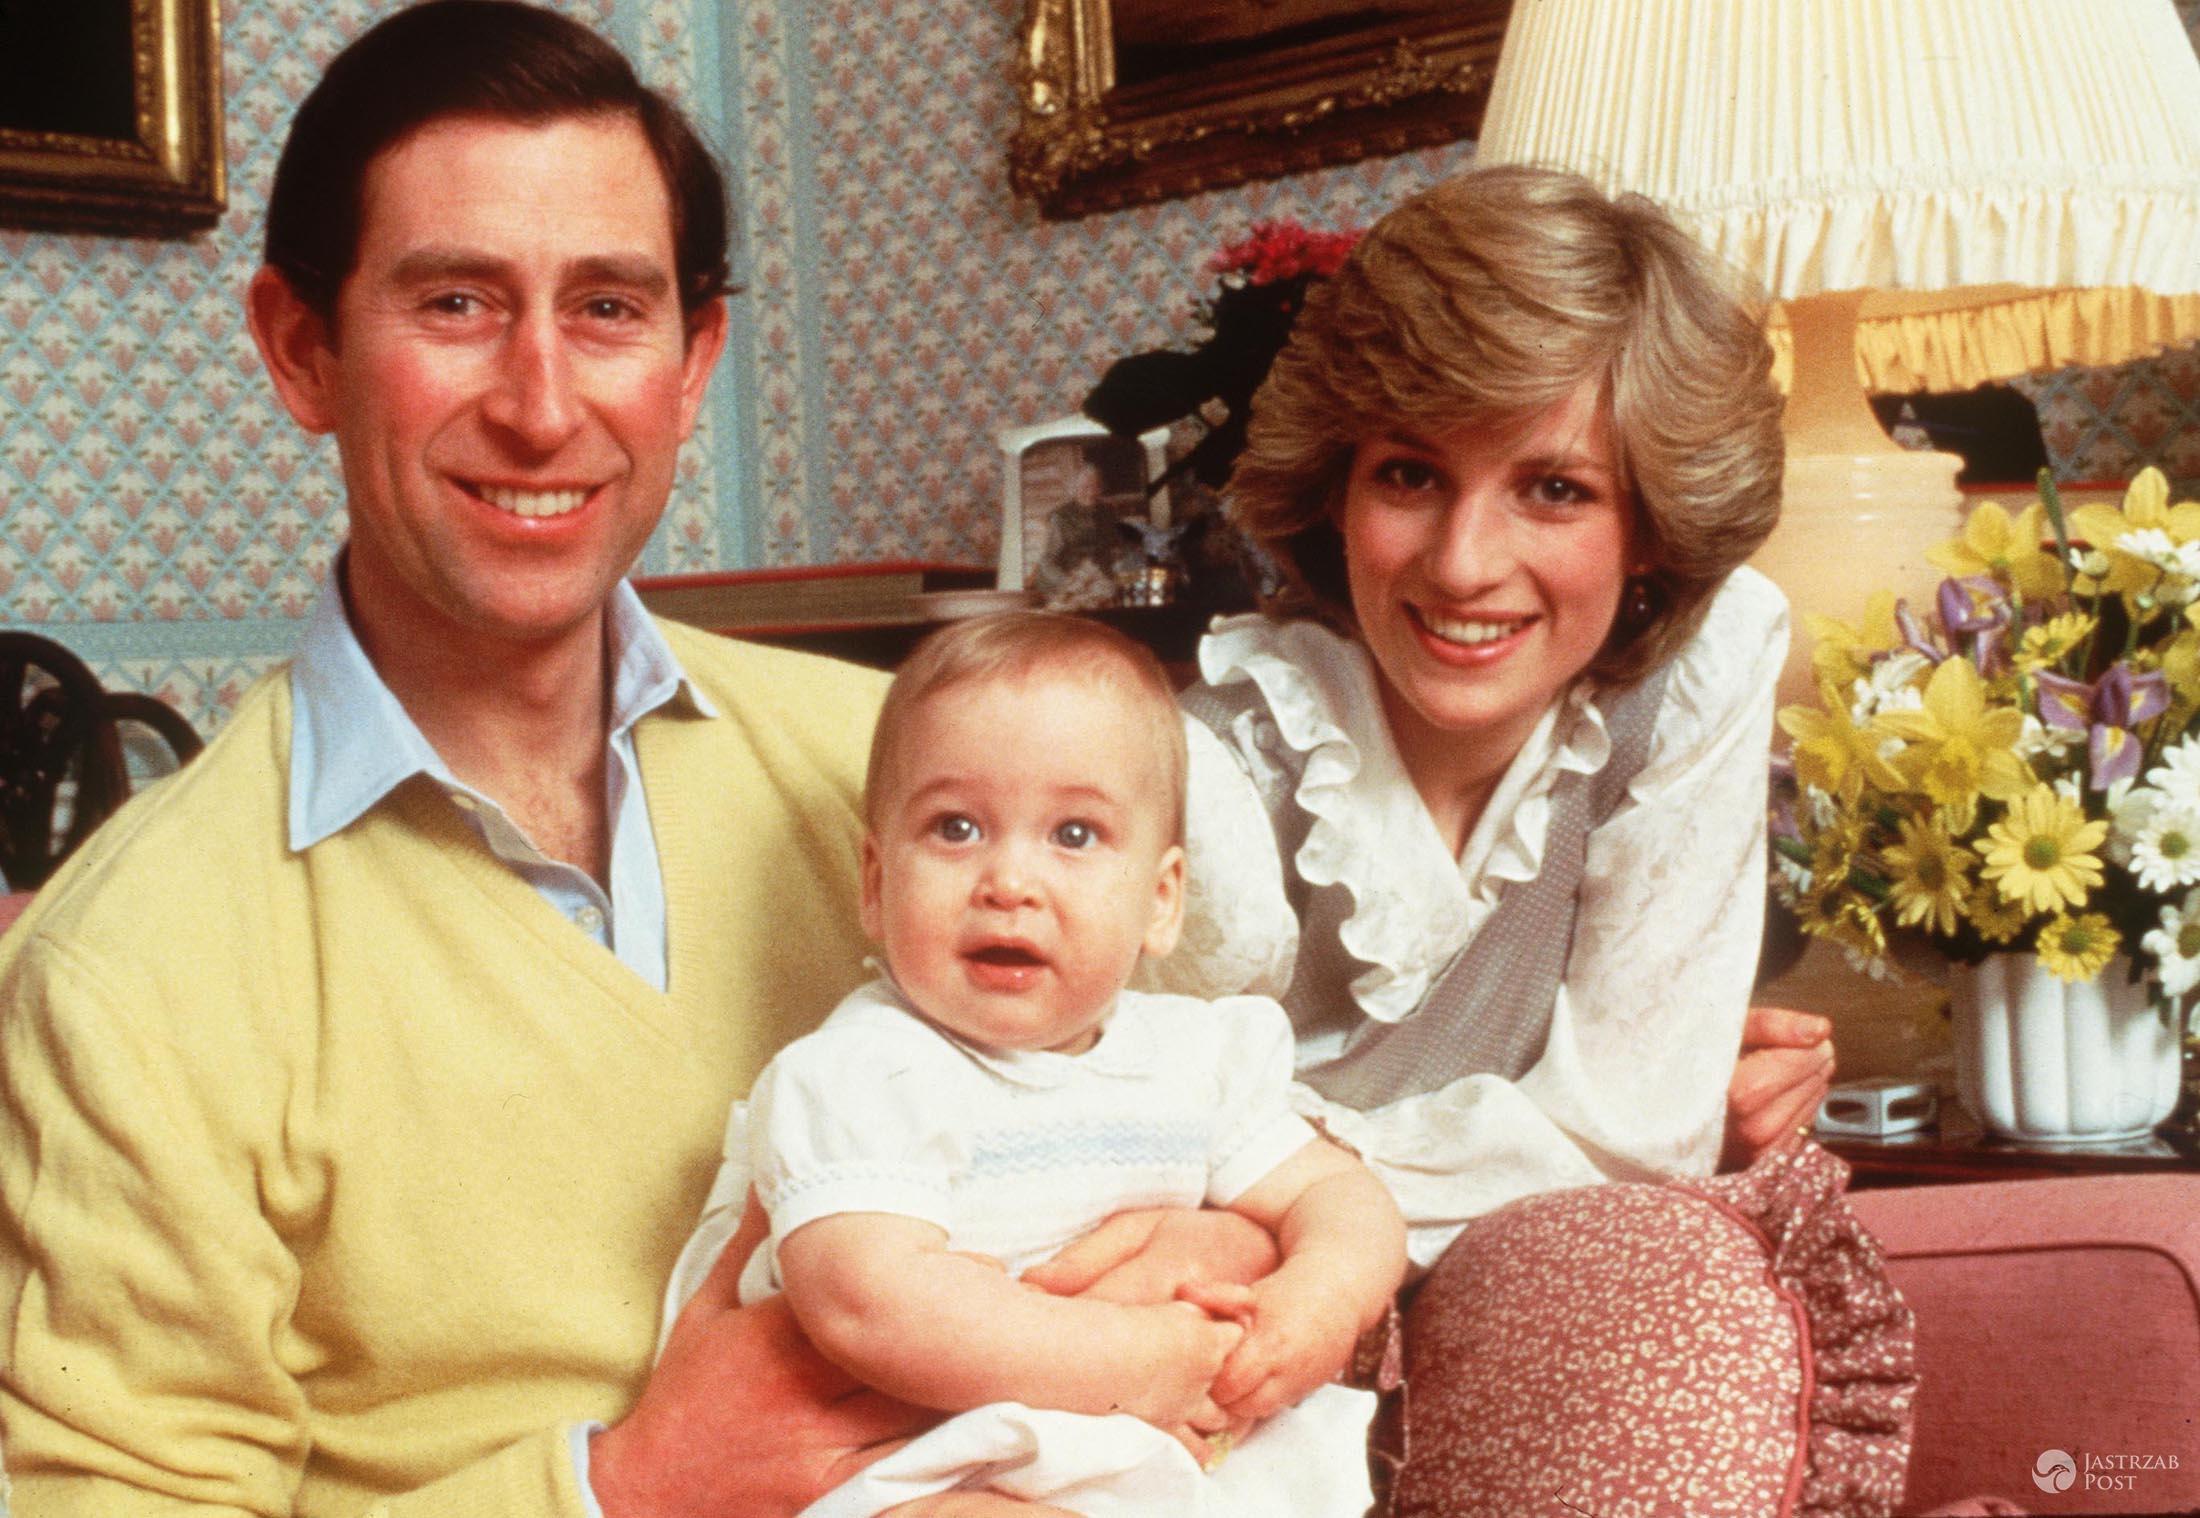 Księżna Diana próbowała popełnić samobójstwo?